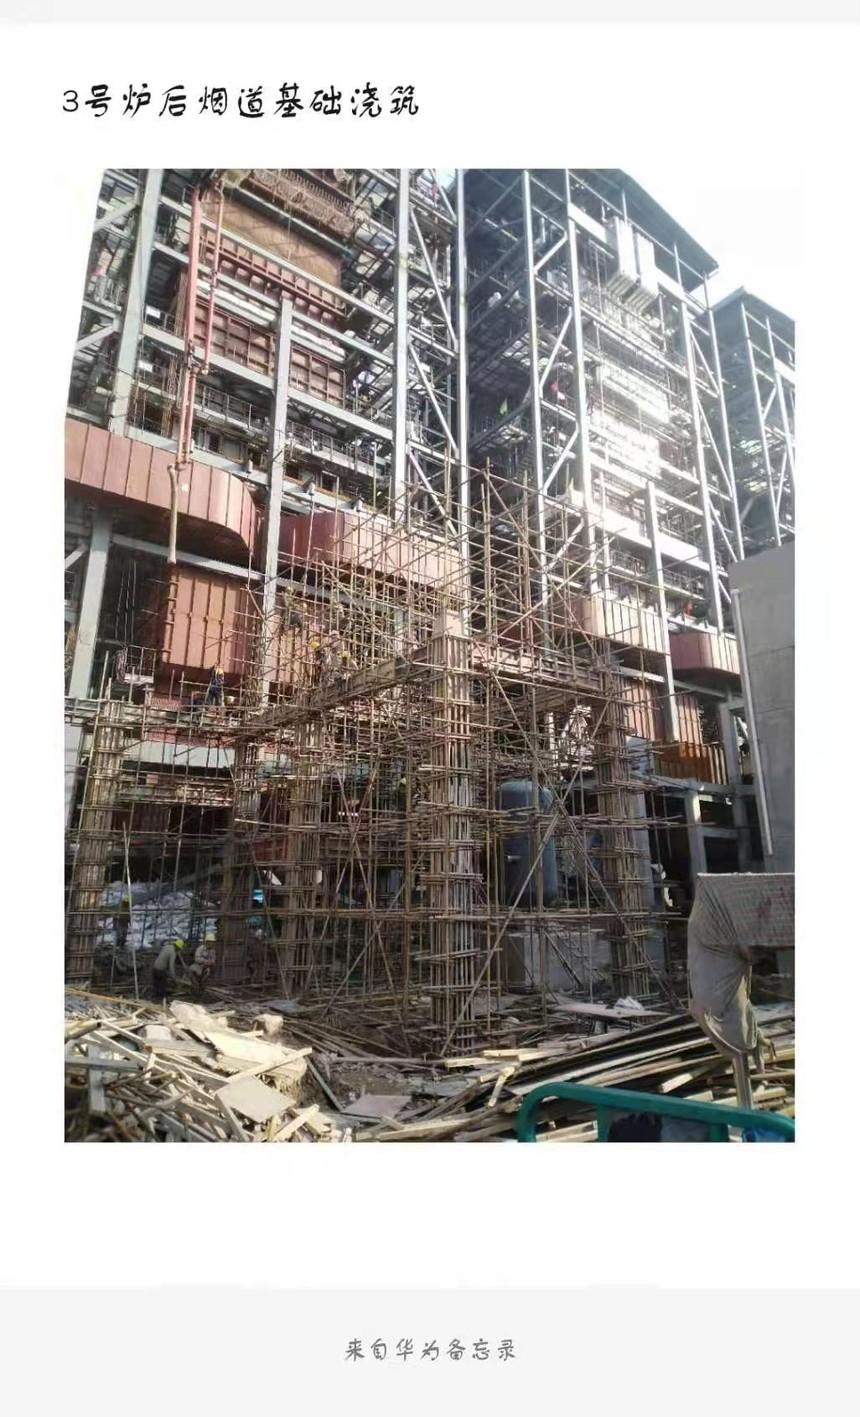 浙江绍兴恒鸣项目-3号炉烟道基础浇筑.jpg